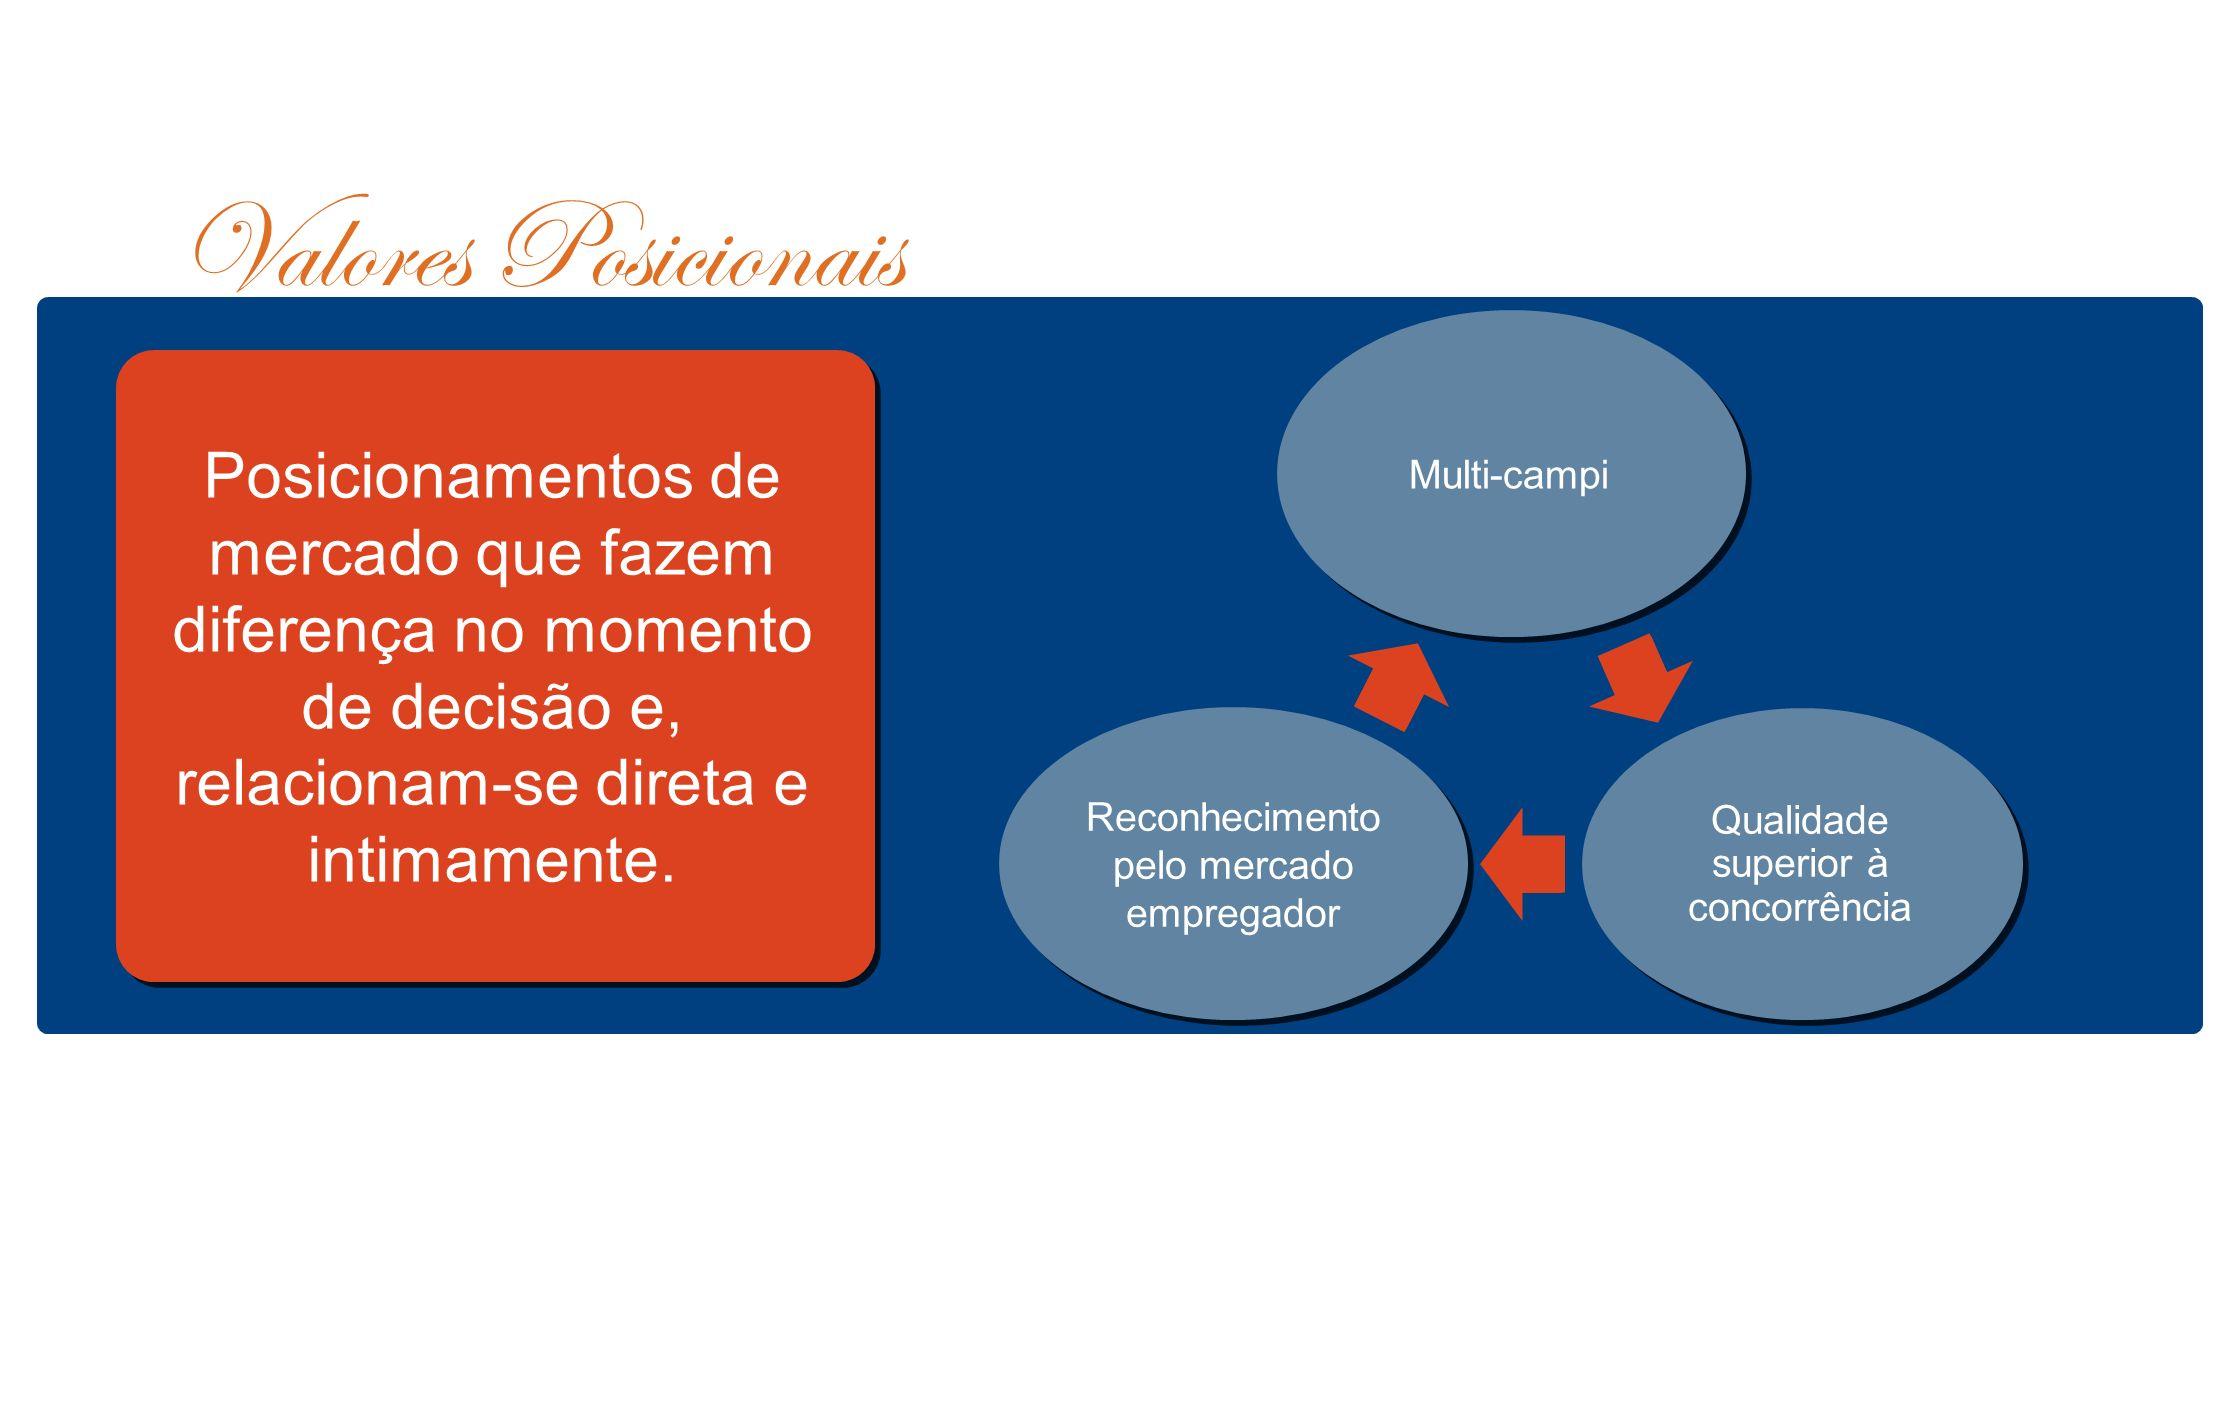 Valores Posicionais Posicionamentos de mercado que fazem diferença no momento de decisão e, relacionam-se direta e intimamente.